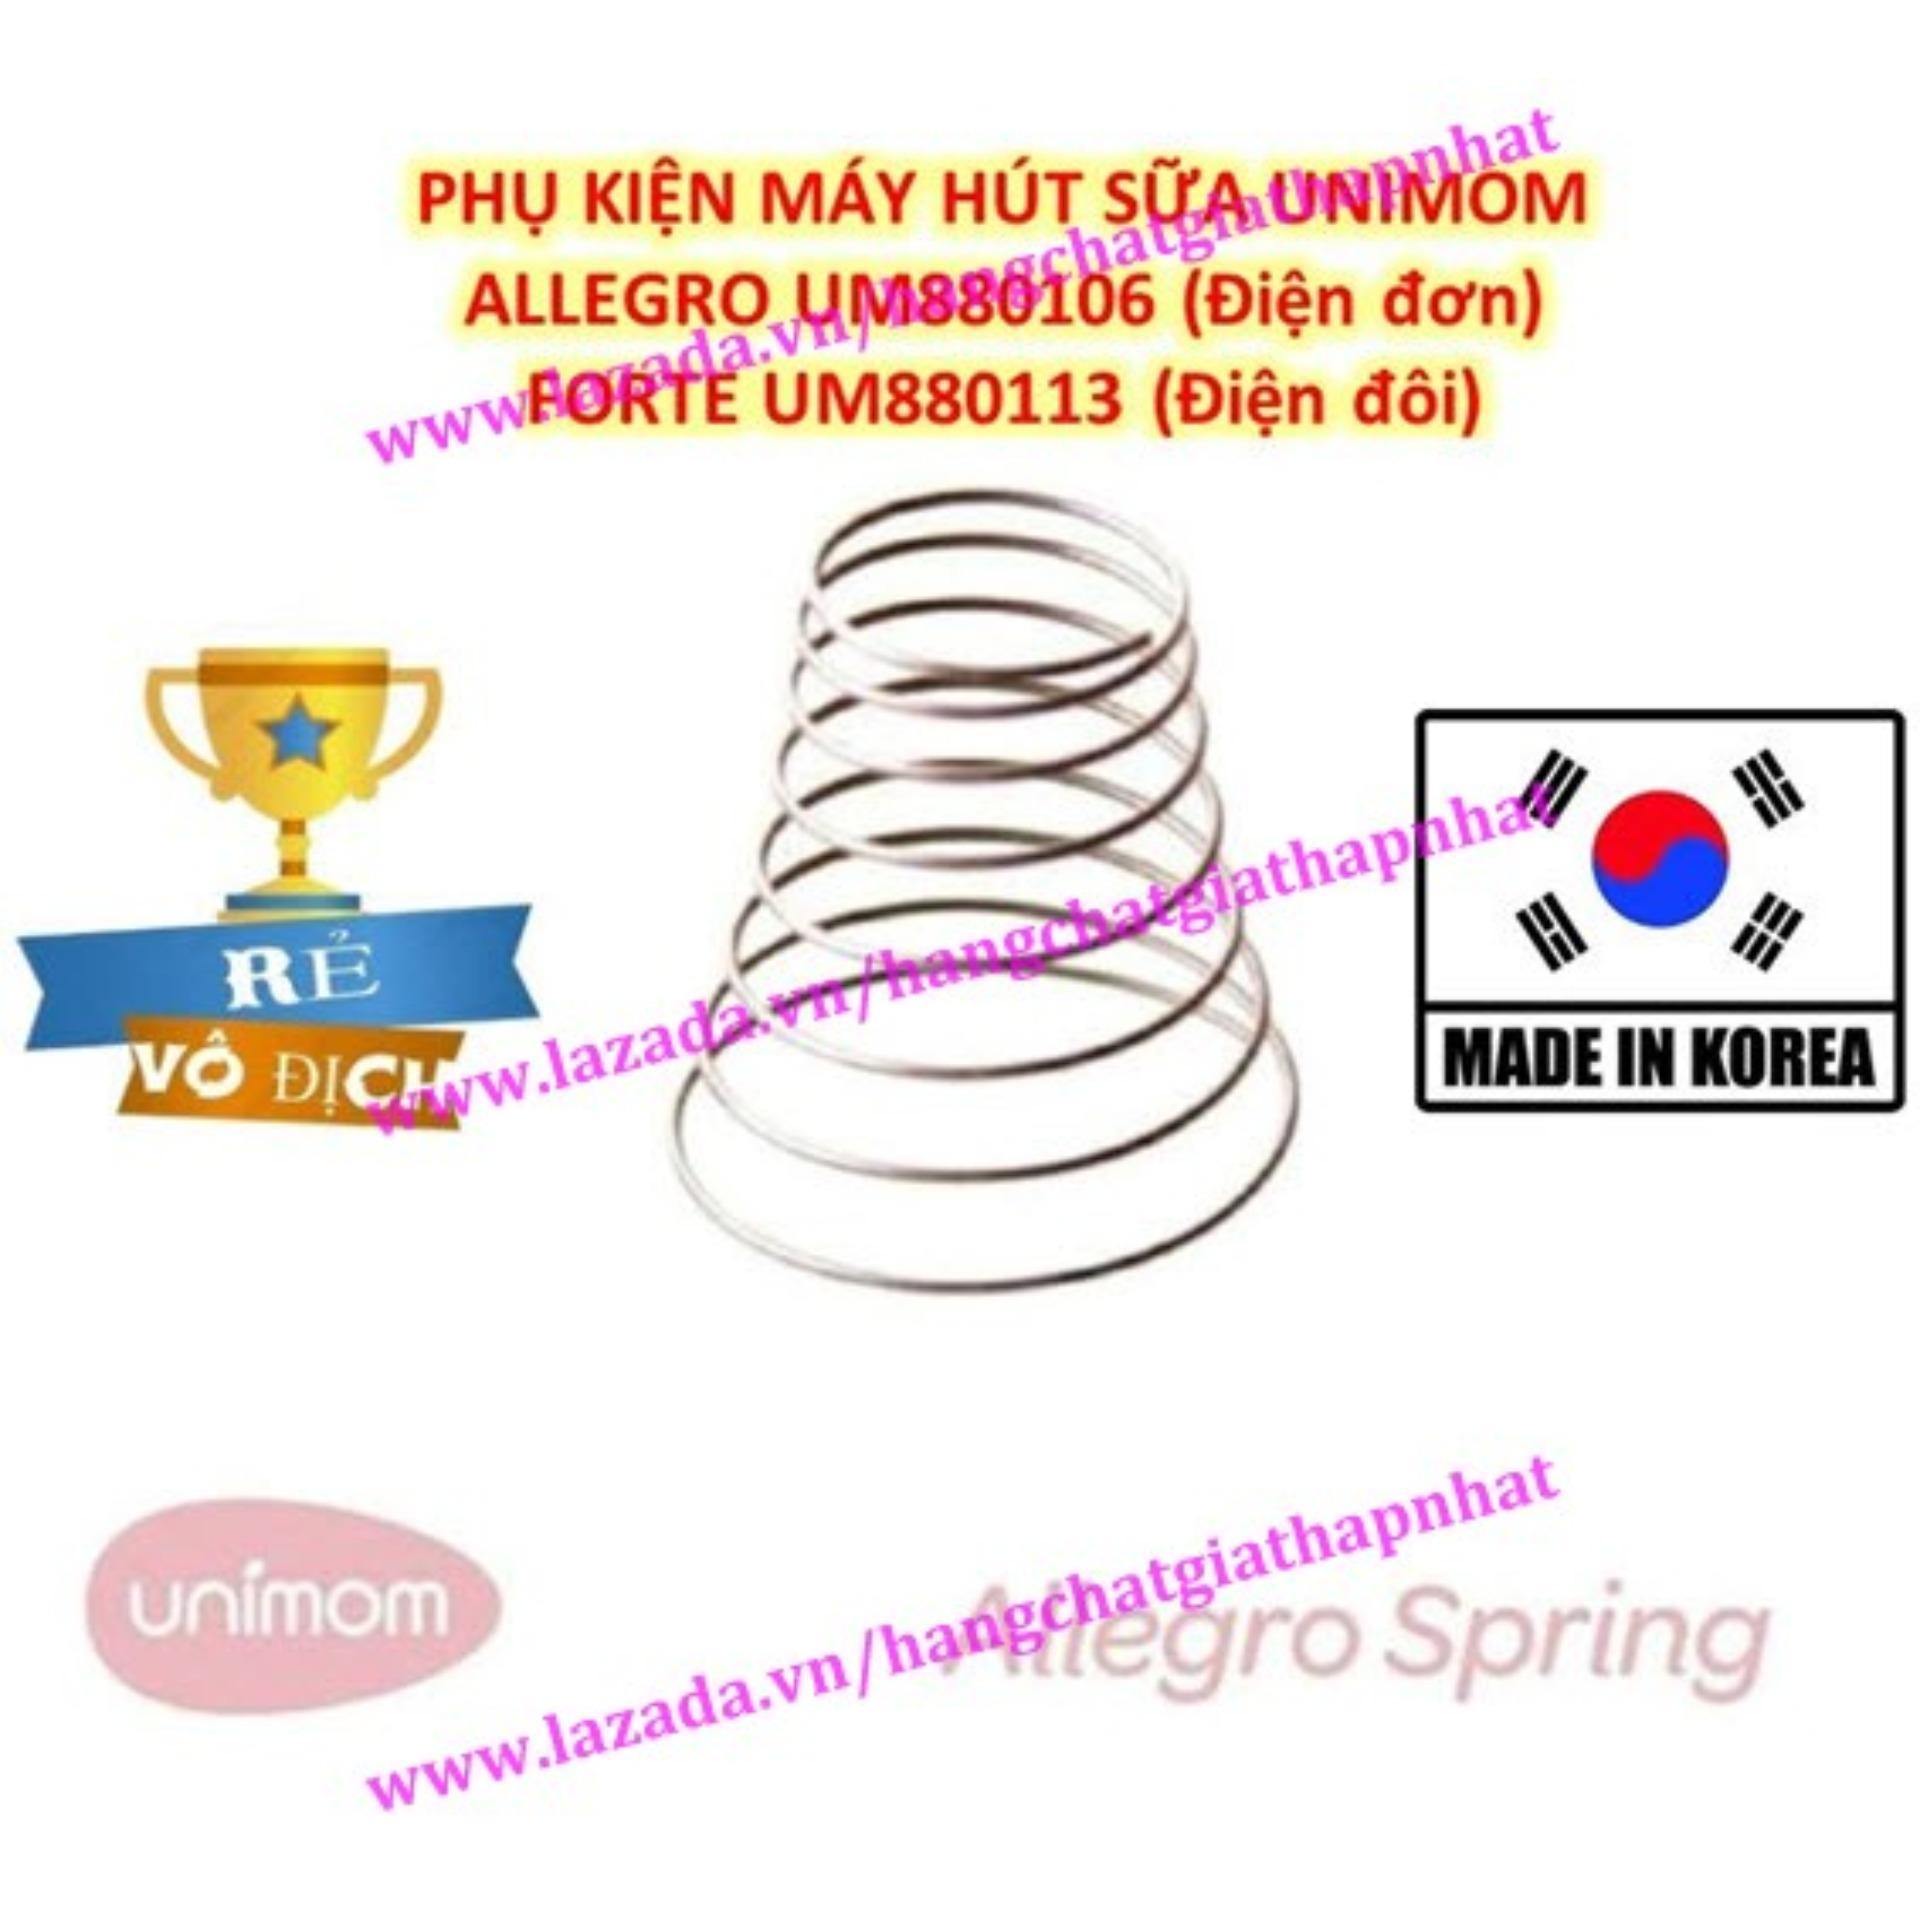 Lò xo - Phụ kiện máy hút sữa điện đơn UNIMOM ALLEGRO UM880106 và máy hút sữa điện đôi UNIMOM F0RTE UM880113 (Hàn Quốc)